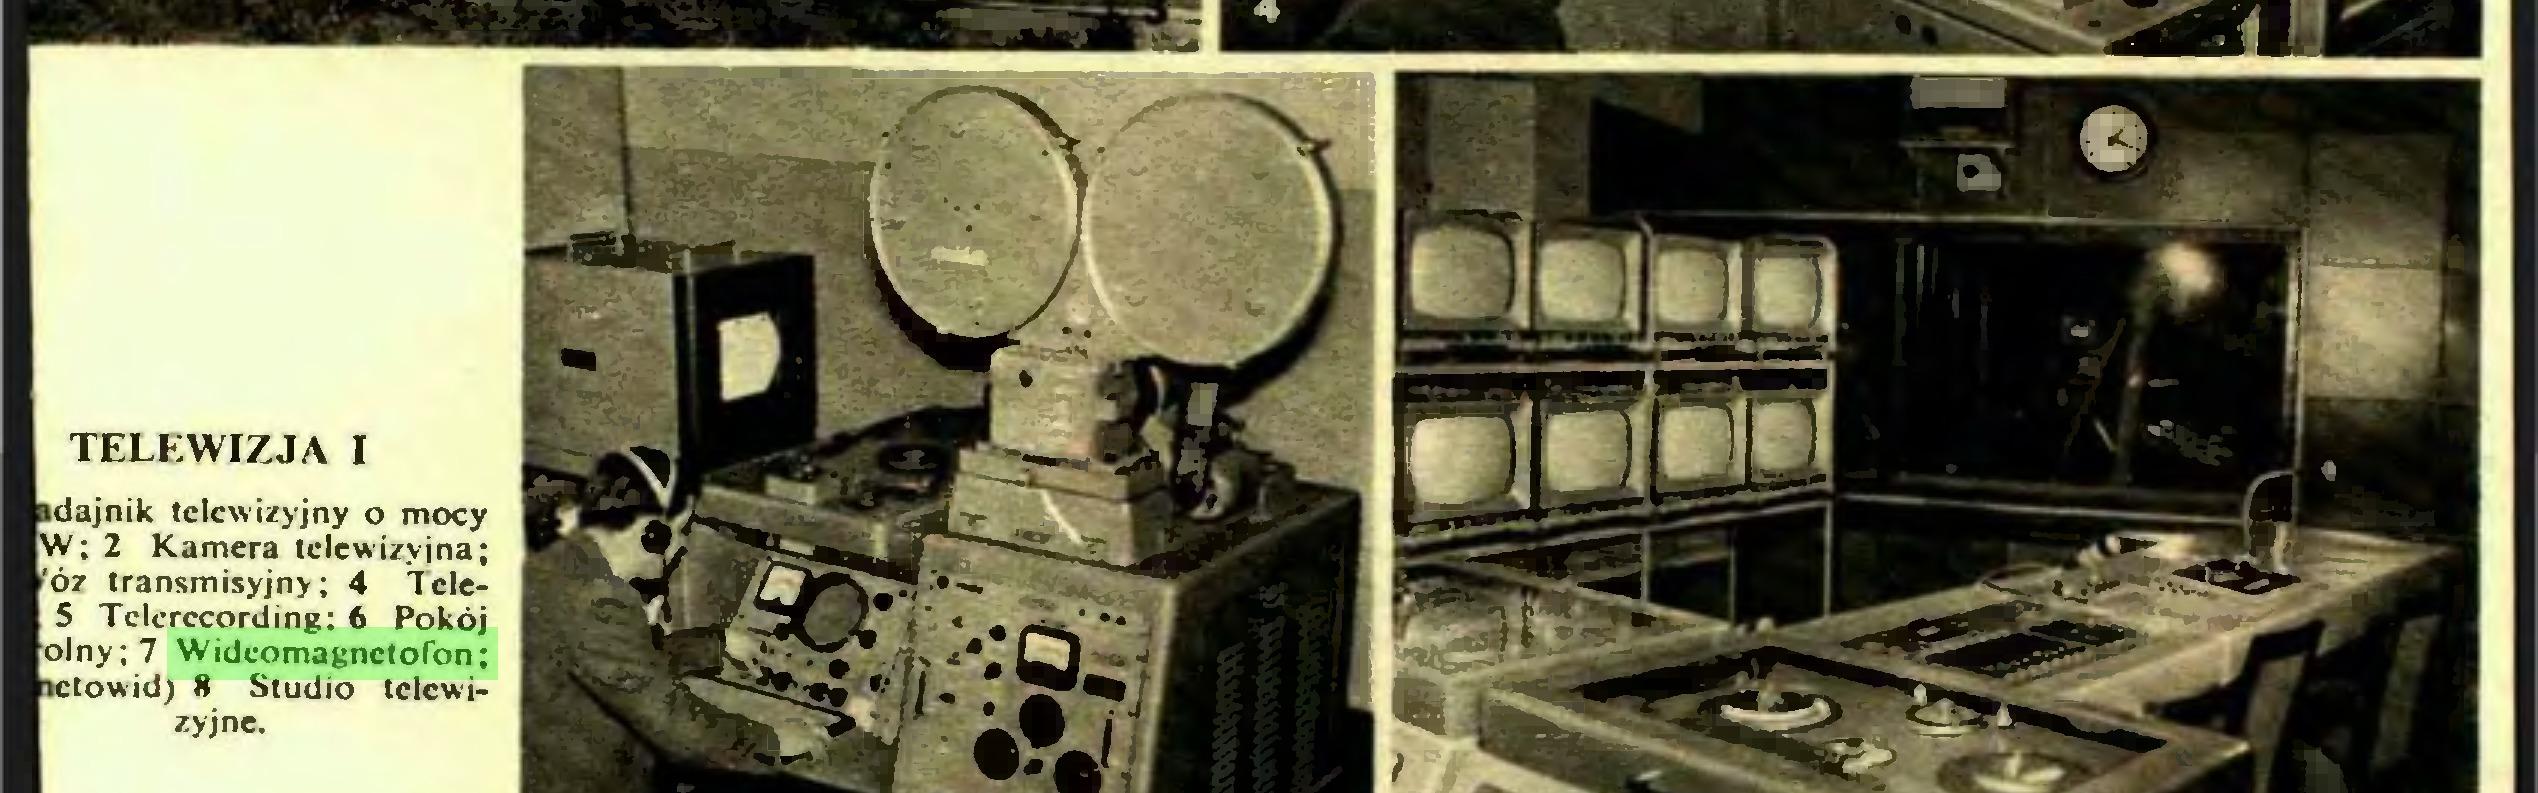 (...) TELEWIZJA I adajnik telewizyjny o mocy W; 2 Kamera telewizyjna; 'Ó7 transmisyjny; 4 TcleS Tclerccording: 6 Pokój olny;7 Wideomagnetofon; nctowid) 8 Studio telewizyjne. TELEWIZJA n 1...